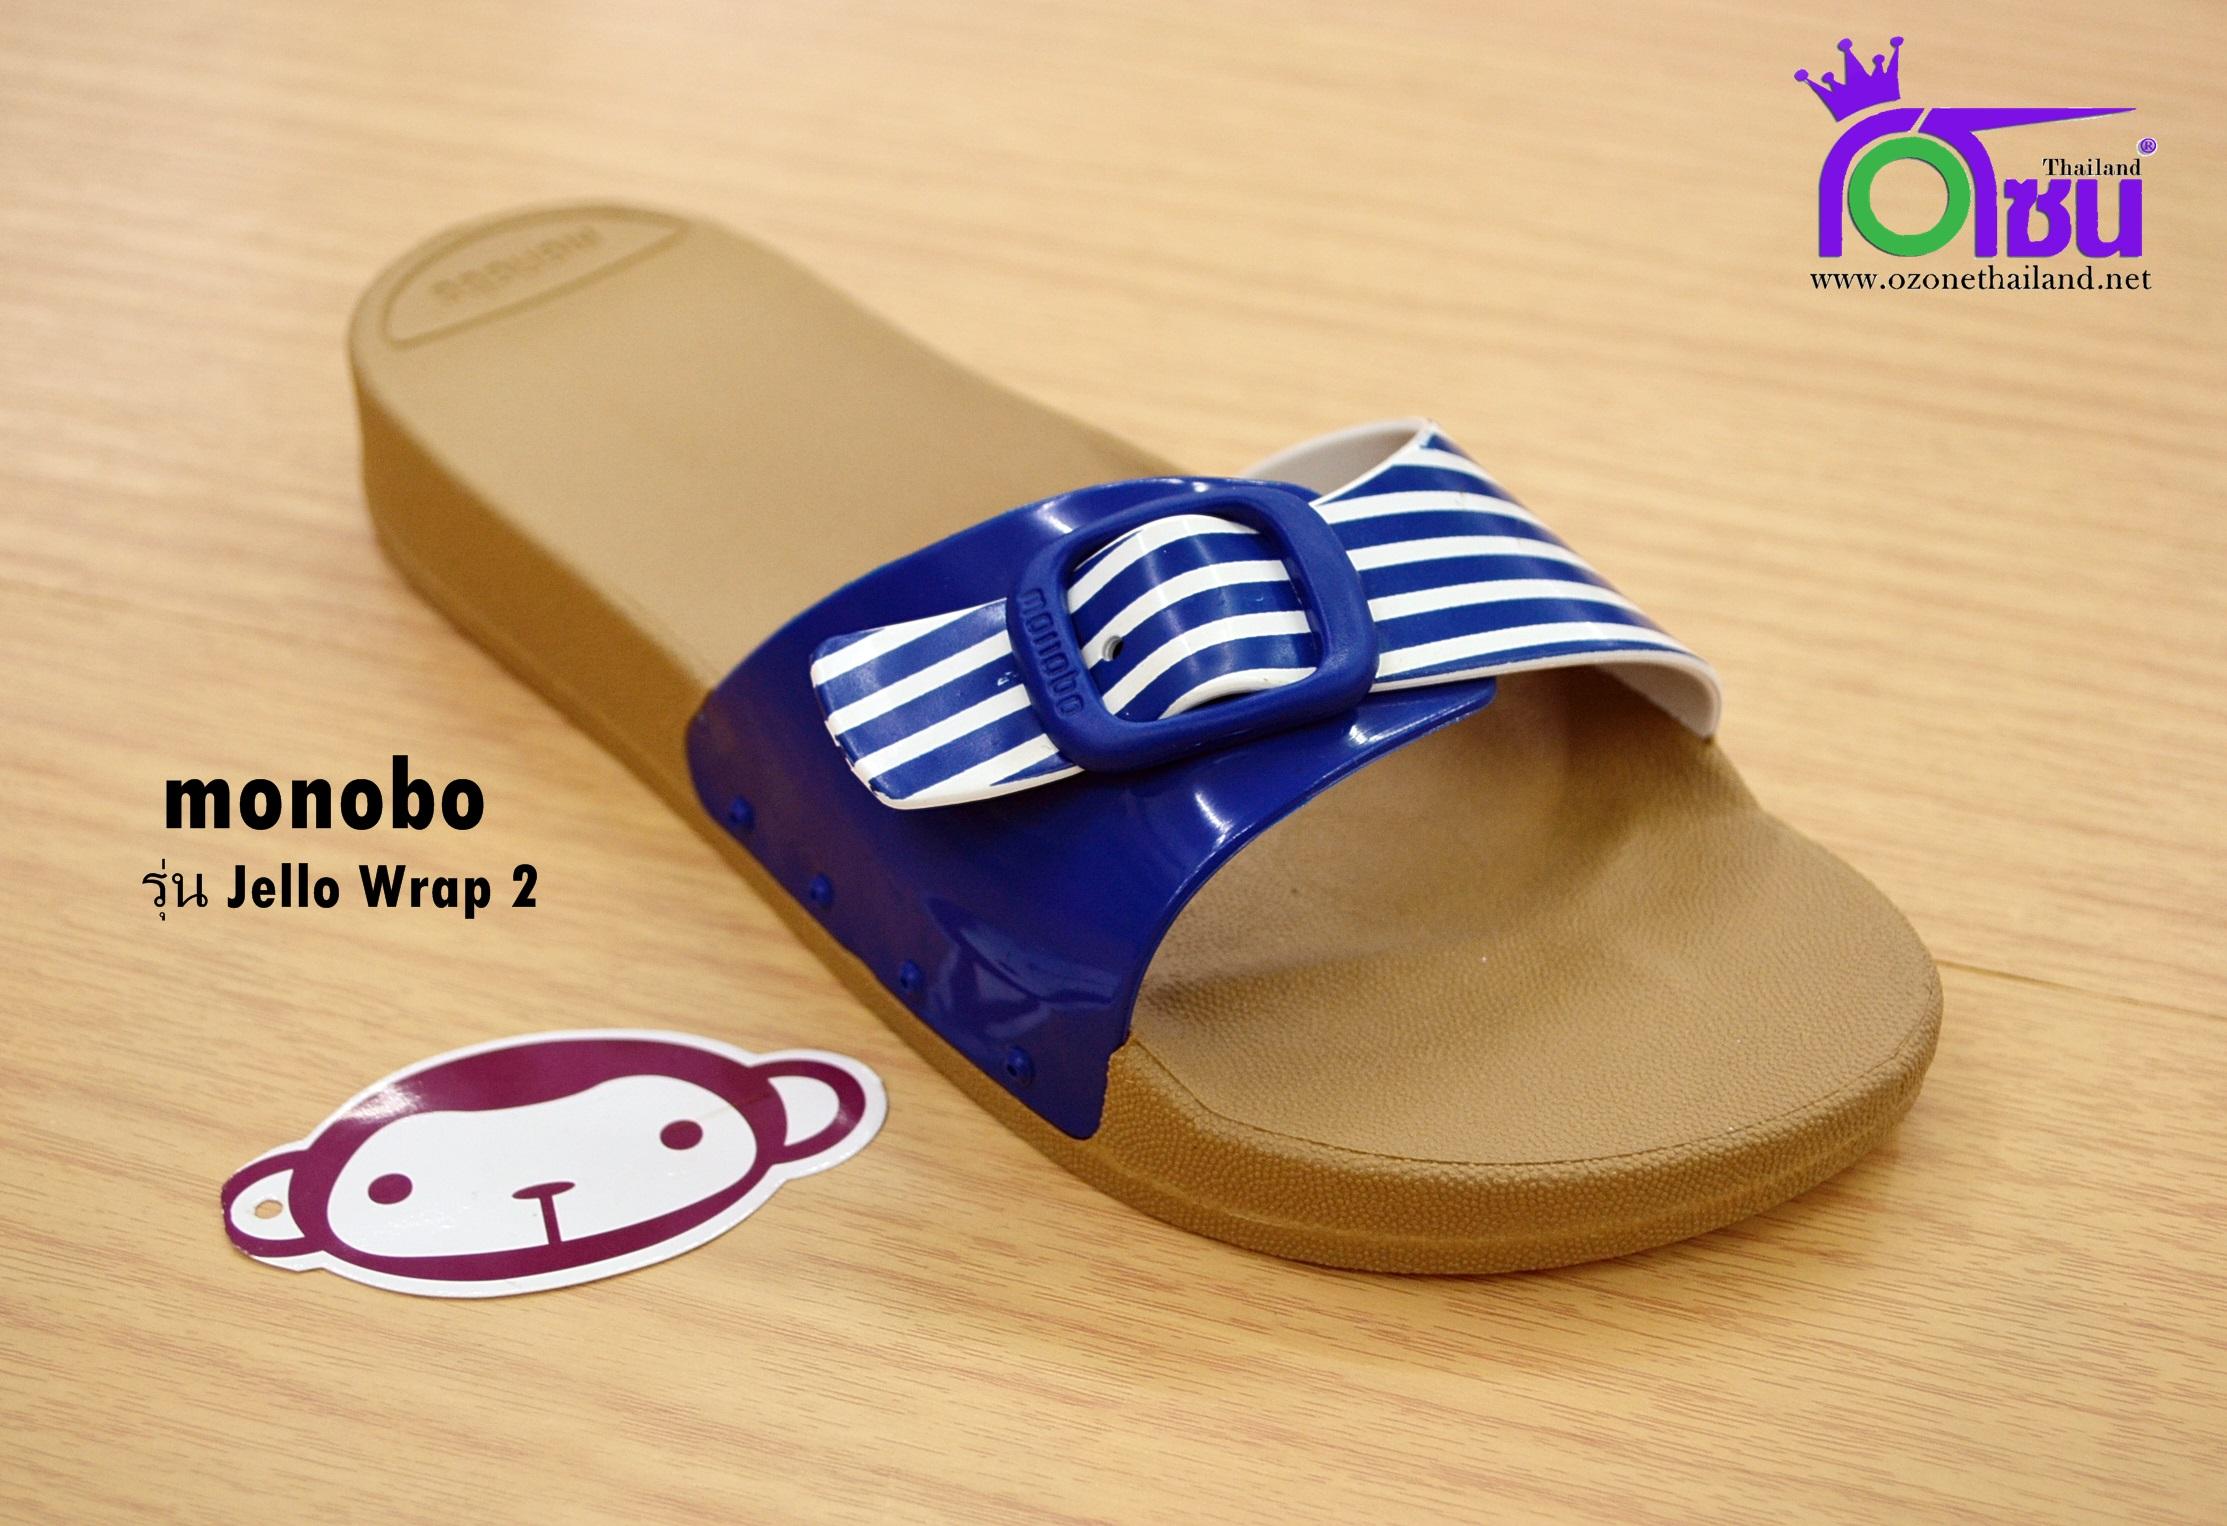 รองเท้าแตะ Monobo Jello โมโนโบ้ รุ่น Jello Wrap 2 สวม สีน้ำเงิน เบอร์ 5-8